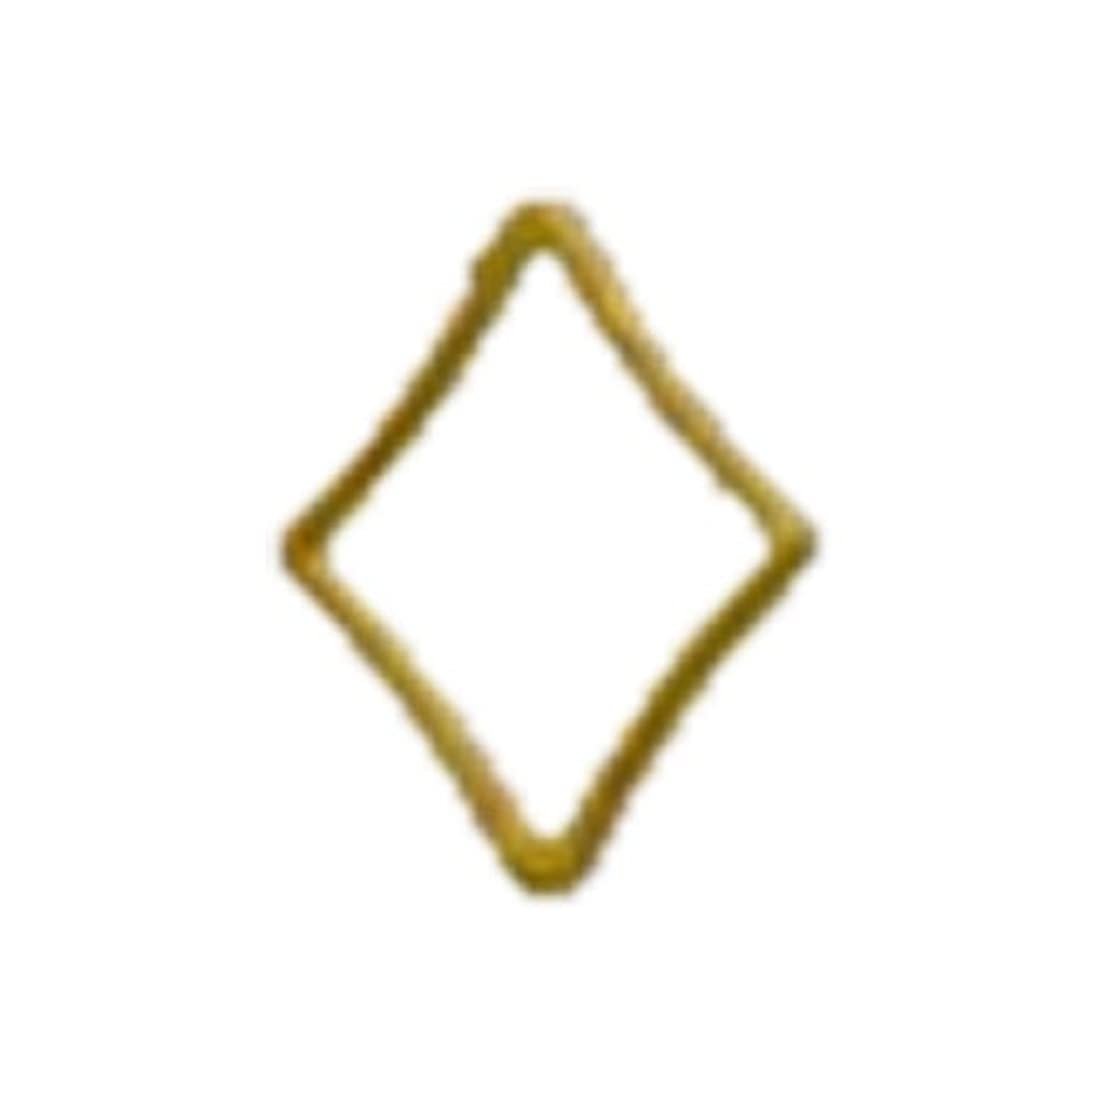 行政有名な傾向があるリトルプリティー ネイルアートパーツ キラキラ 3S ゴールド 20個